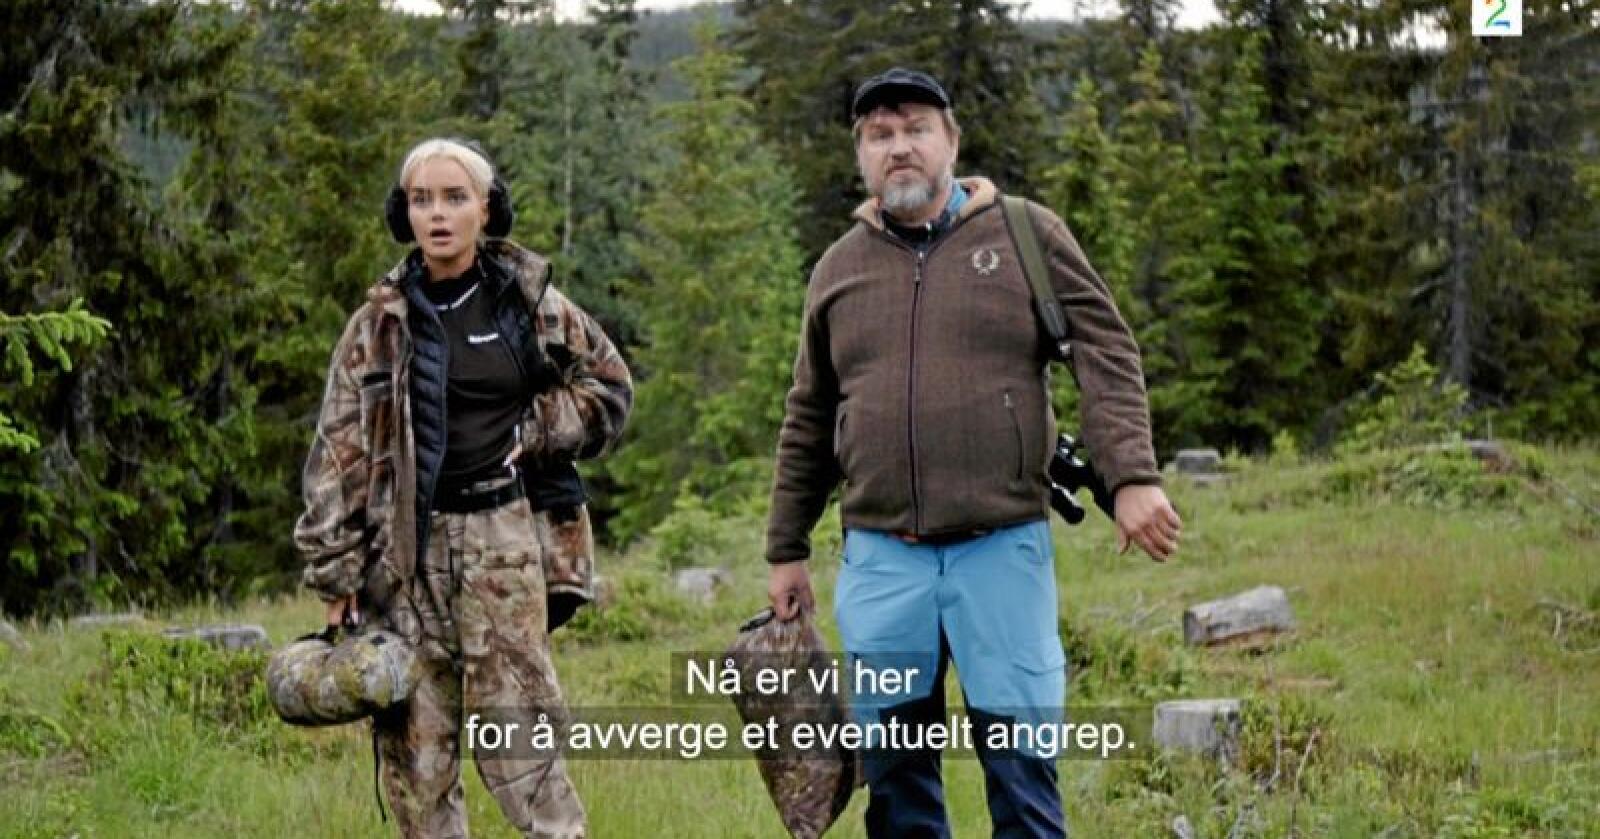 """Bloggeren Sophie Elise Isachsen møter bonde Halvor Sveen i en ny episode av """"Sophie Elise tester"""". I epioden oppstår det dramatikk når de får meldinger om en observert bjørn. Foto: Skjermdump TV 2 Sumo"""